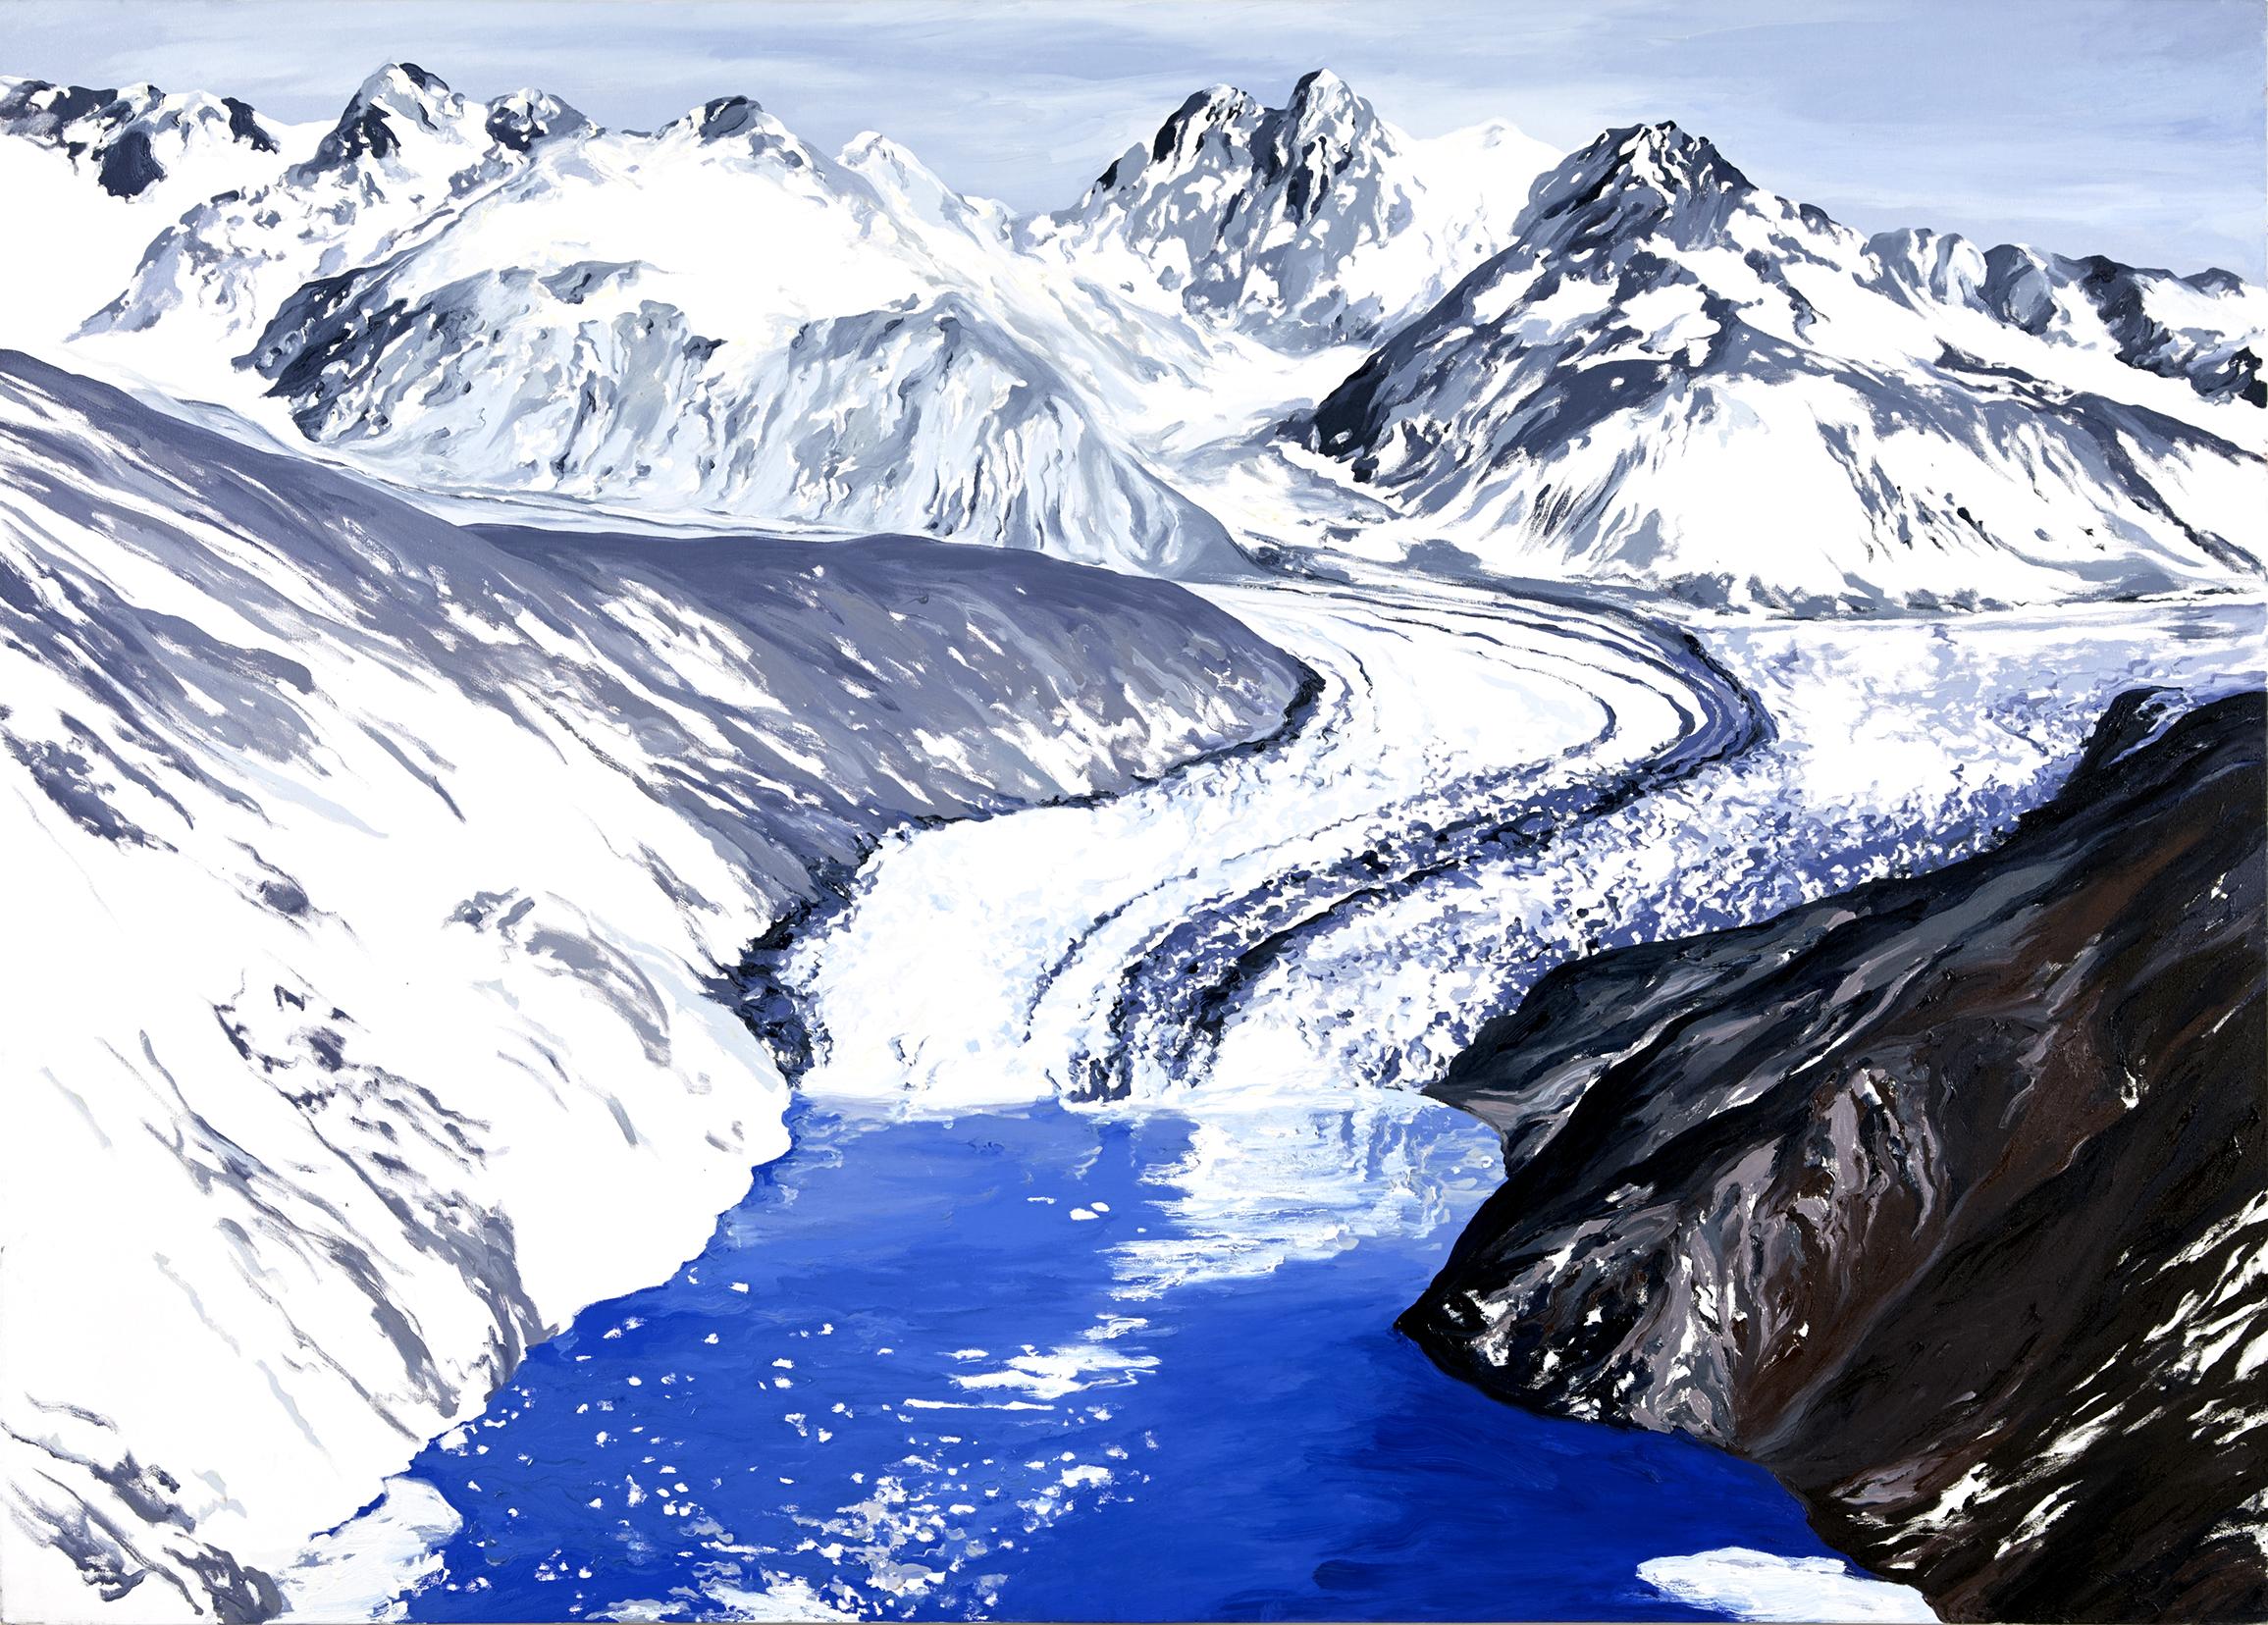 Nunatak Glacier 1938, after Bradford Washburn